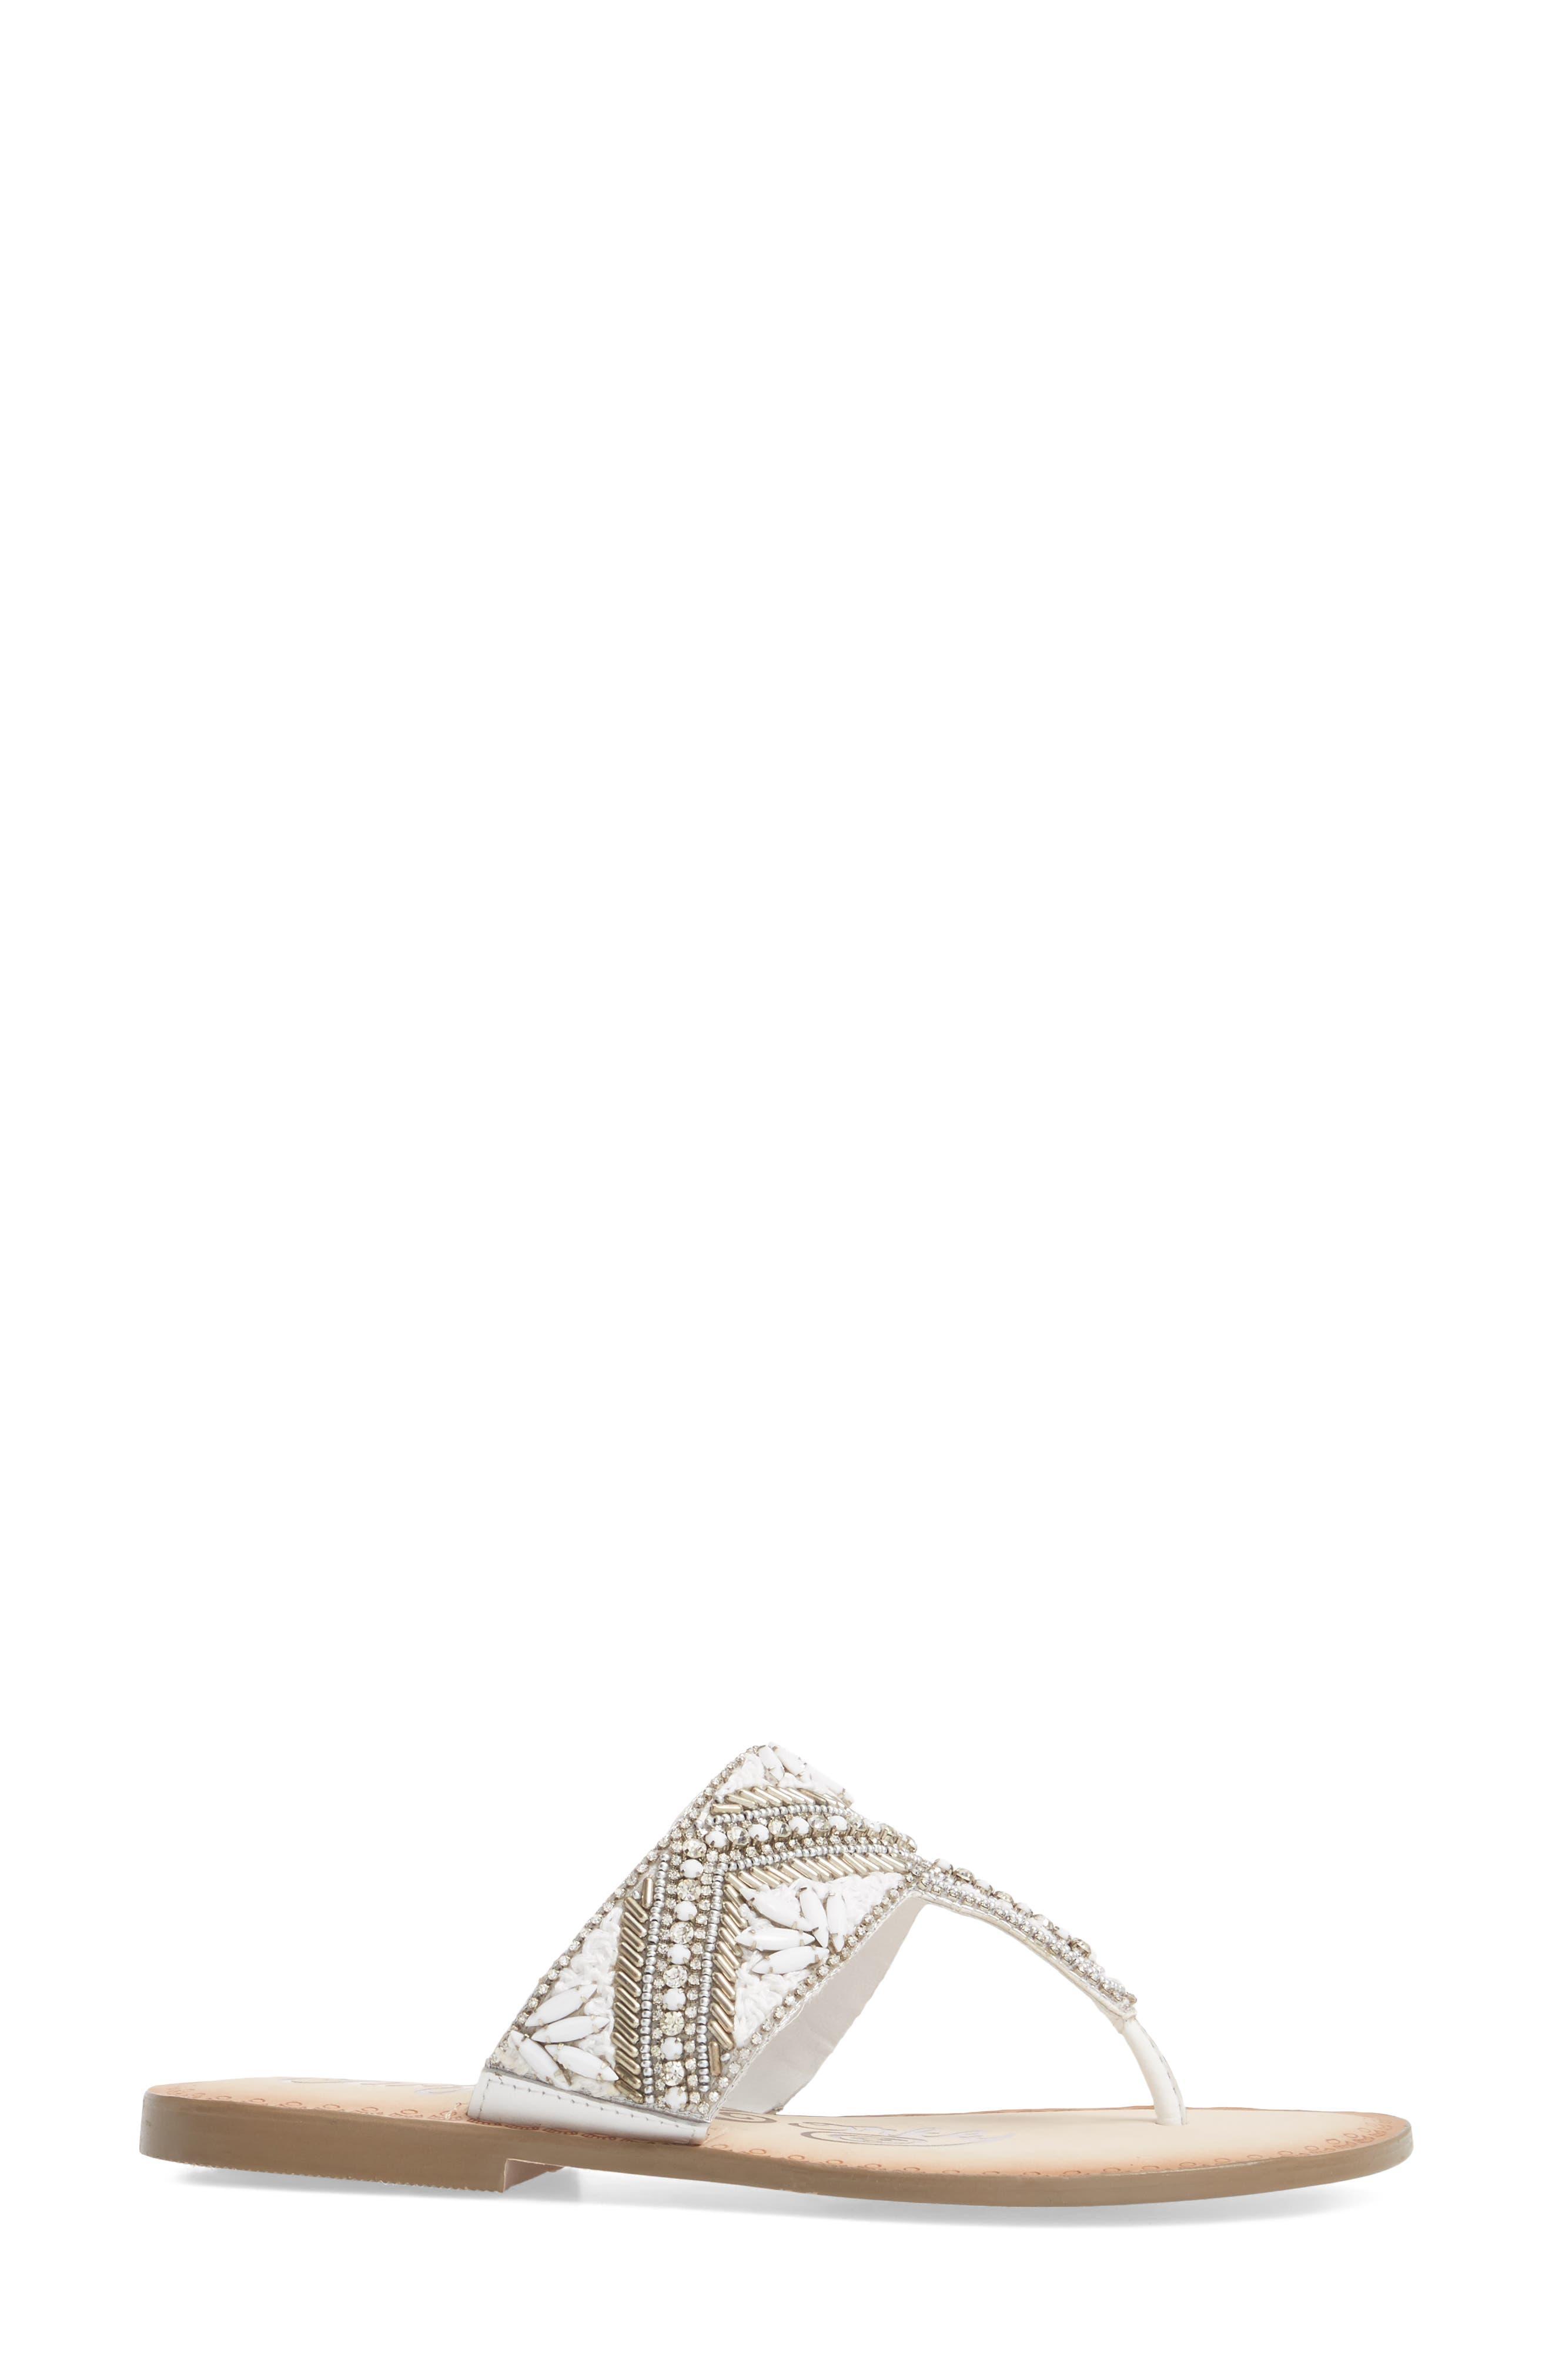 Alternate Image 3  - Naughty Monkey Beaded Sandal (Women)